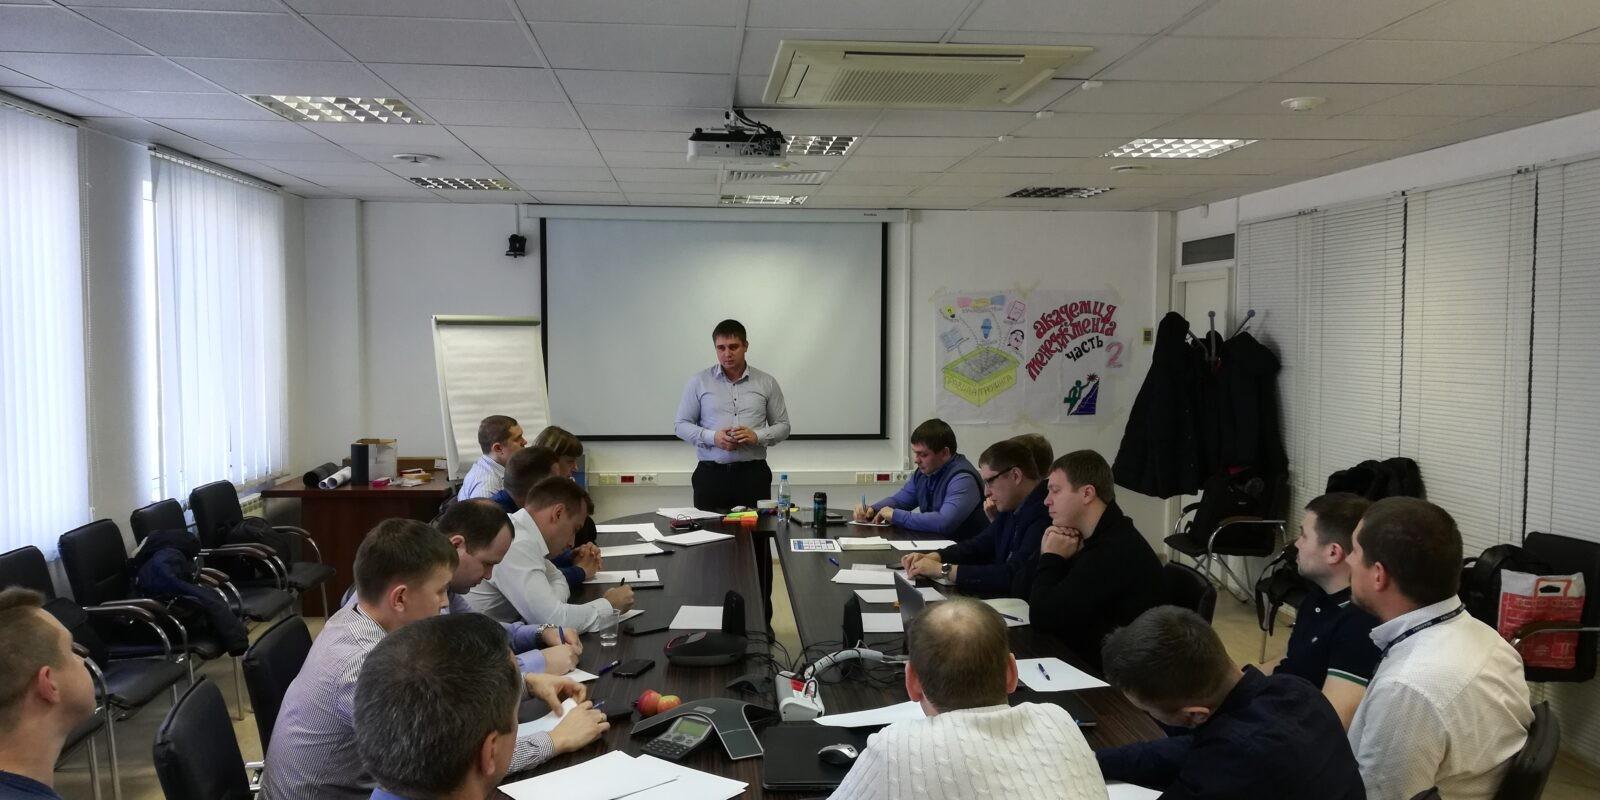 Проведение бизнес-тренингов в Уфе